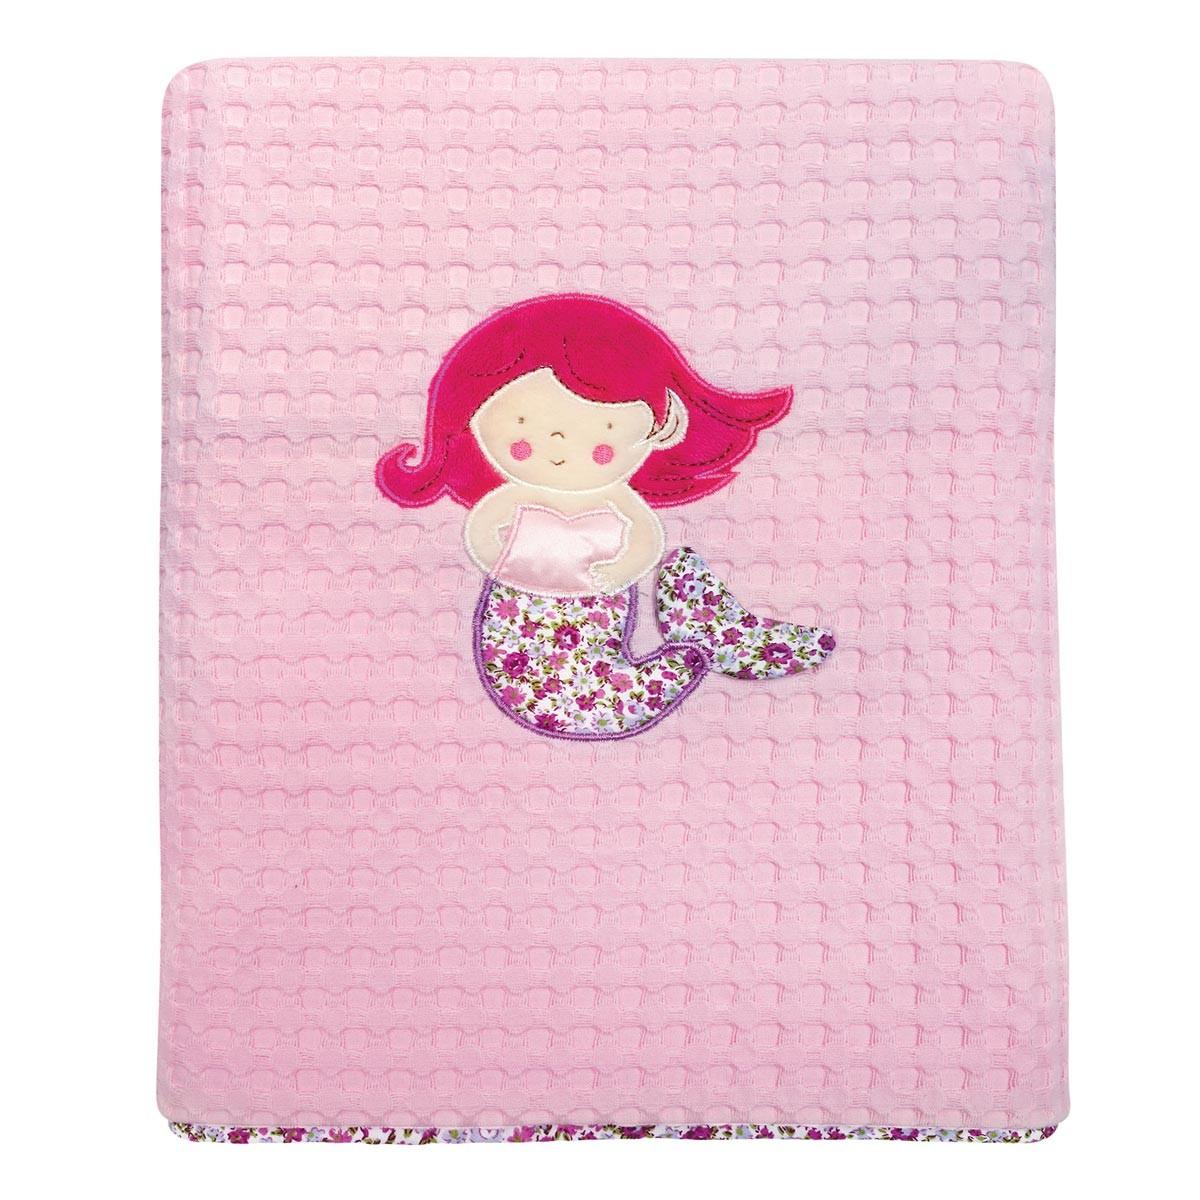 Κουβέρτα Πικέ Αγκαλιάς Das Home Dream Embroidery 6395 66792